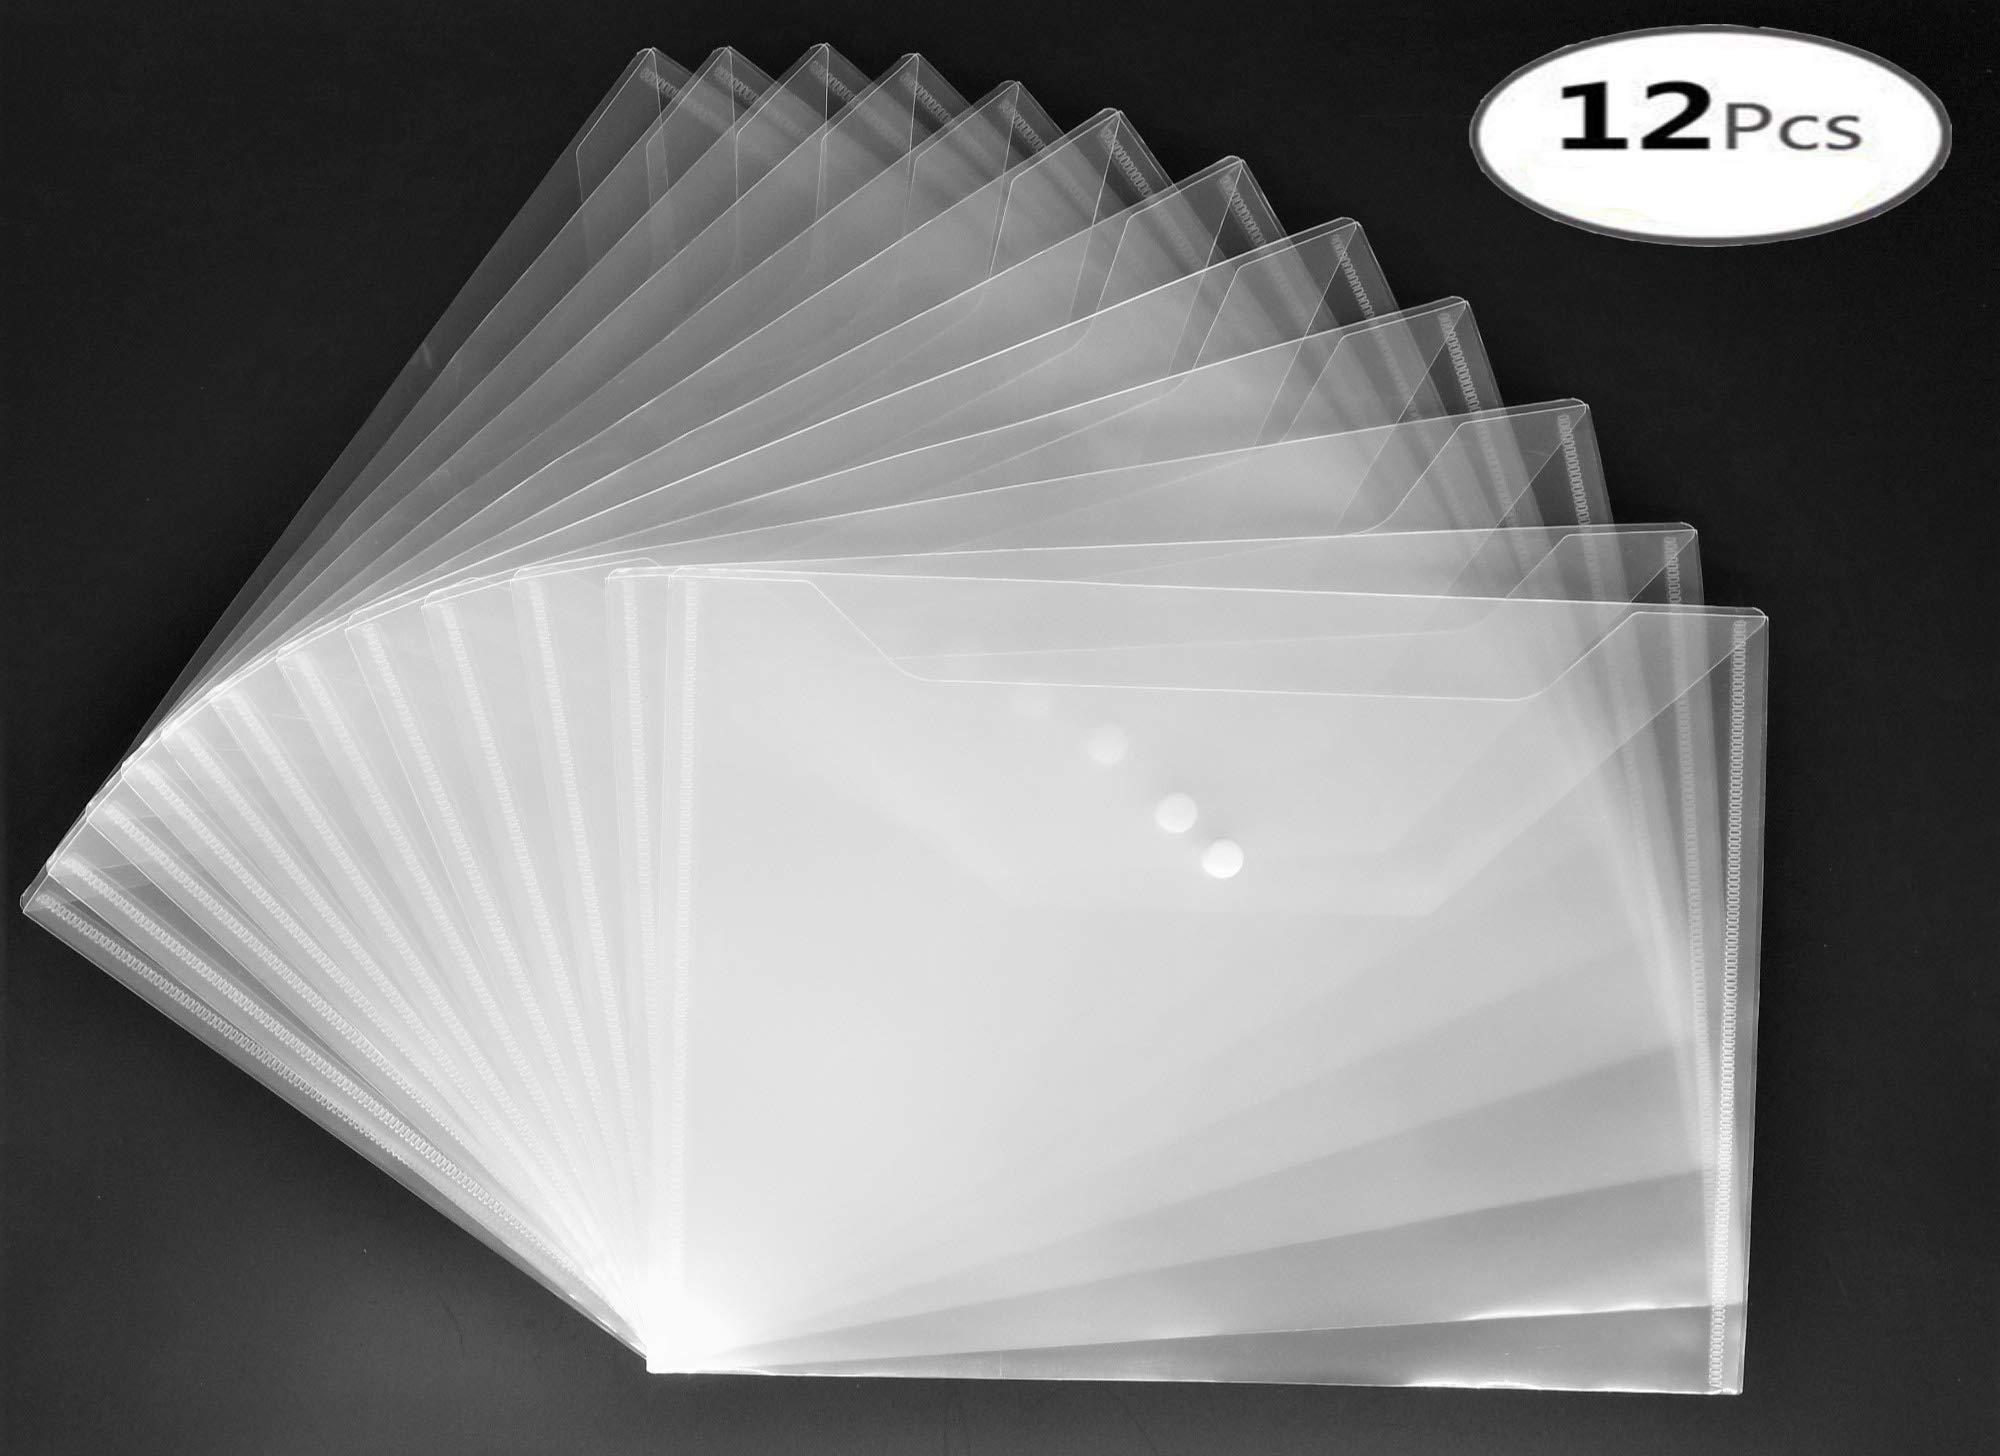 12 Pcs Wallet File Document Wallet A4 Post Folder 12 Plastic Transparent Document Wallet Clear Document Folders